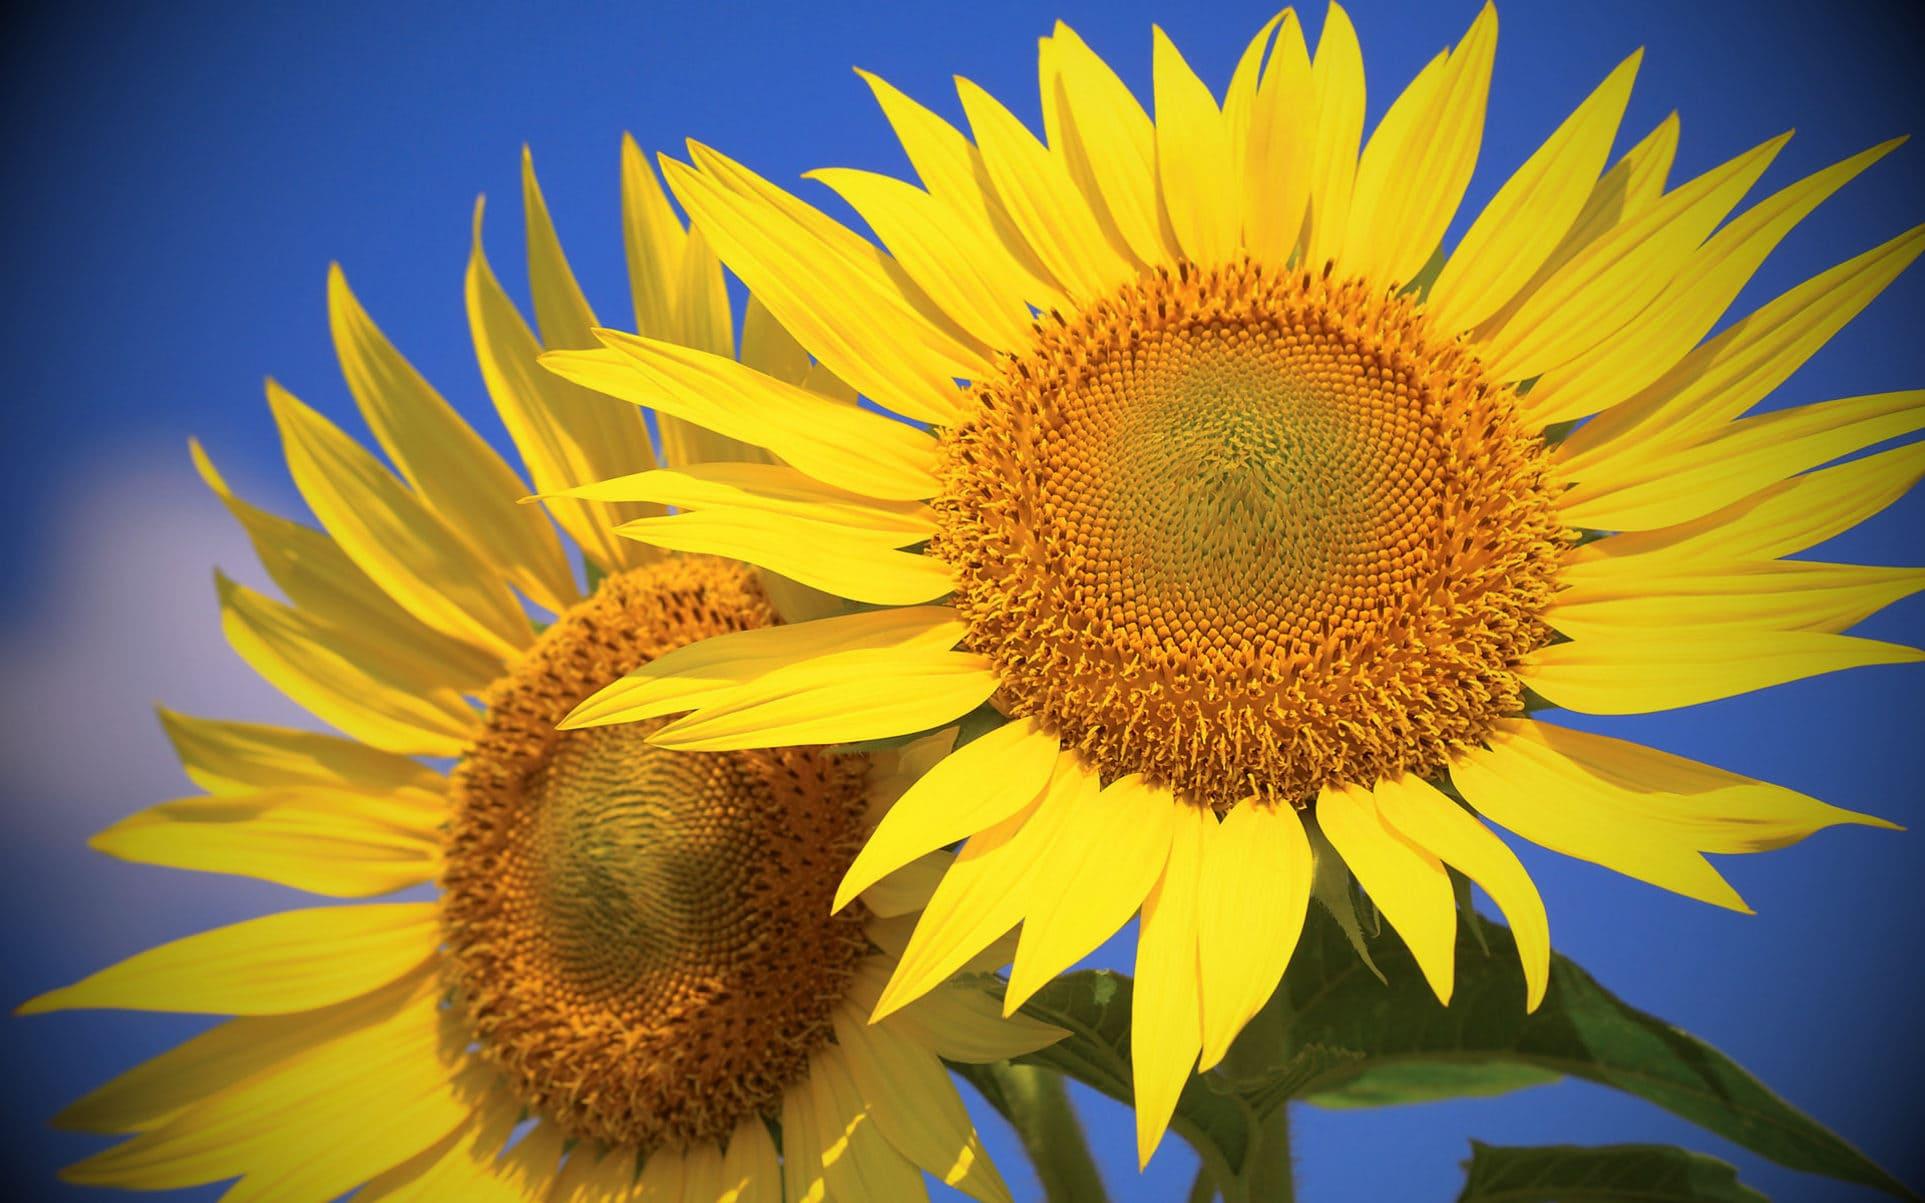 Как и почему подсолнухи поворачиваются к солнцу?